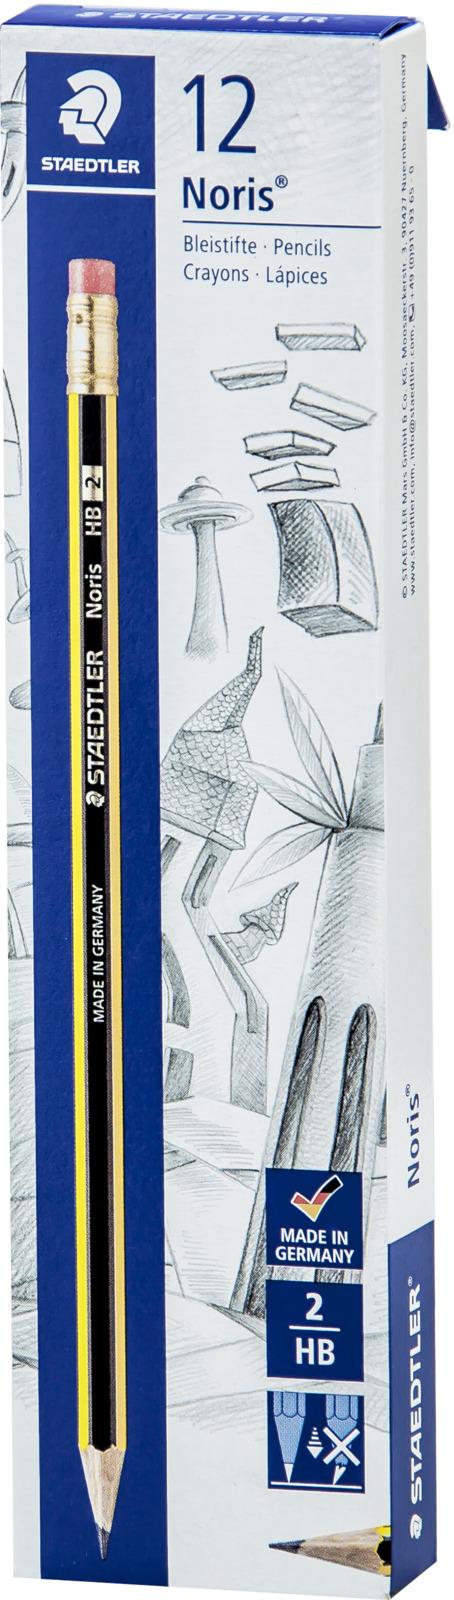 Набор чернографитовых карандашей Staedtler Noris 122 НВ, с ластиком, 12 шт -  Карандаши